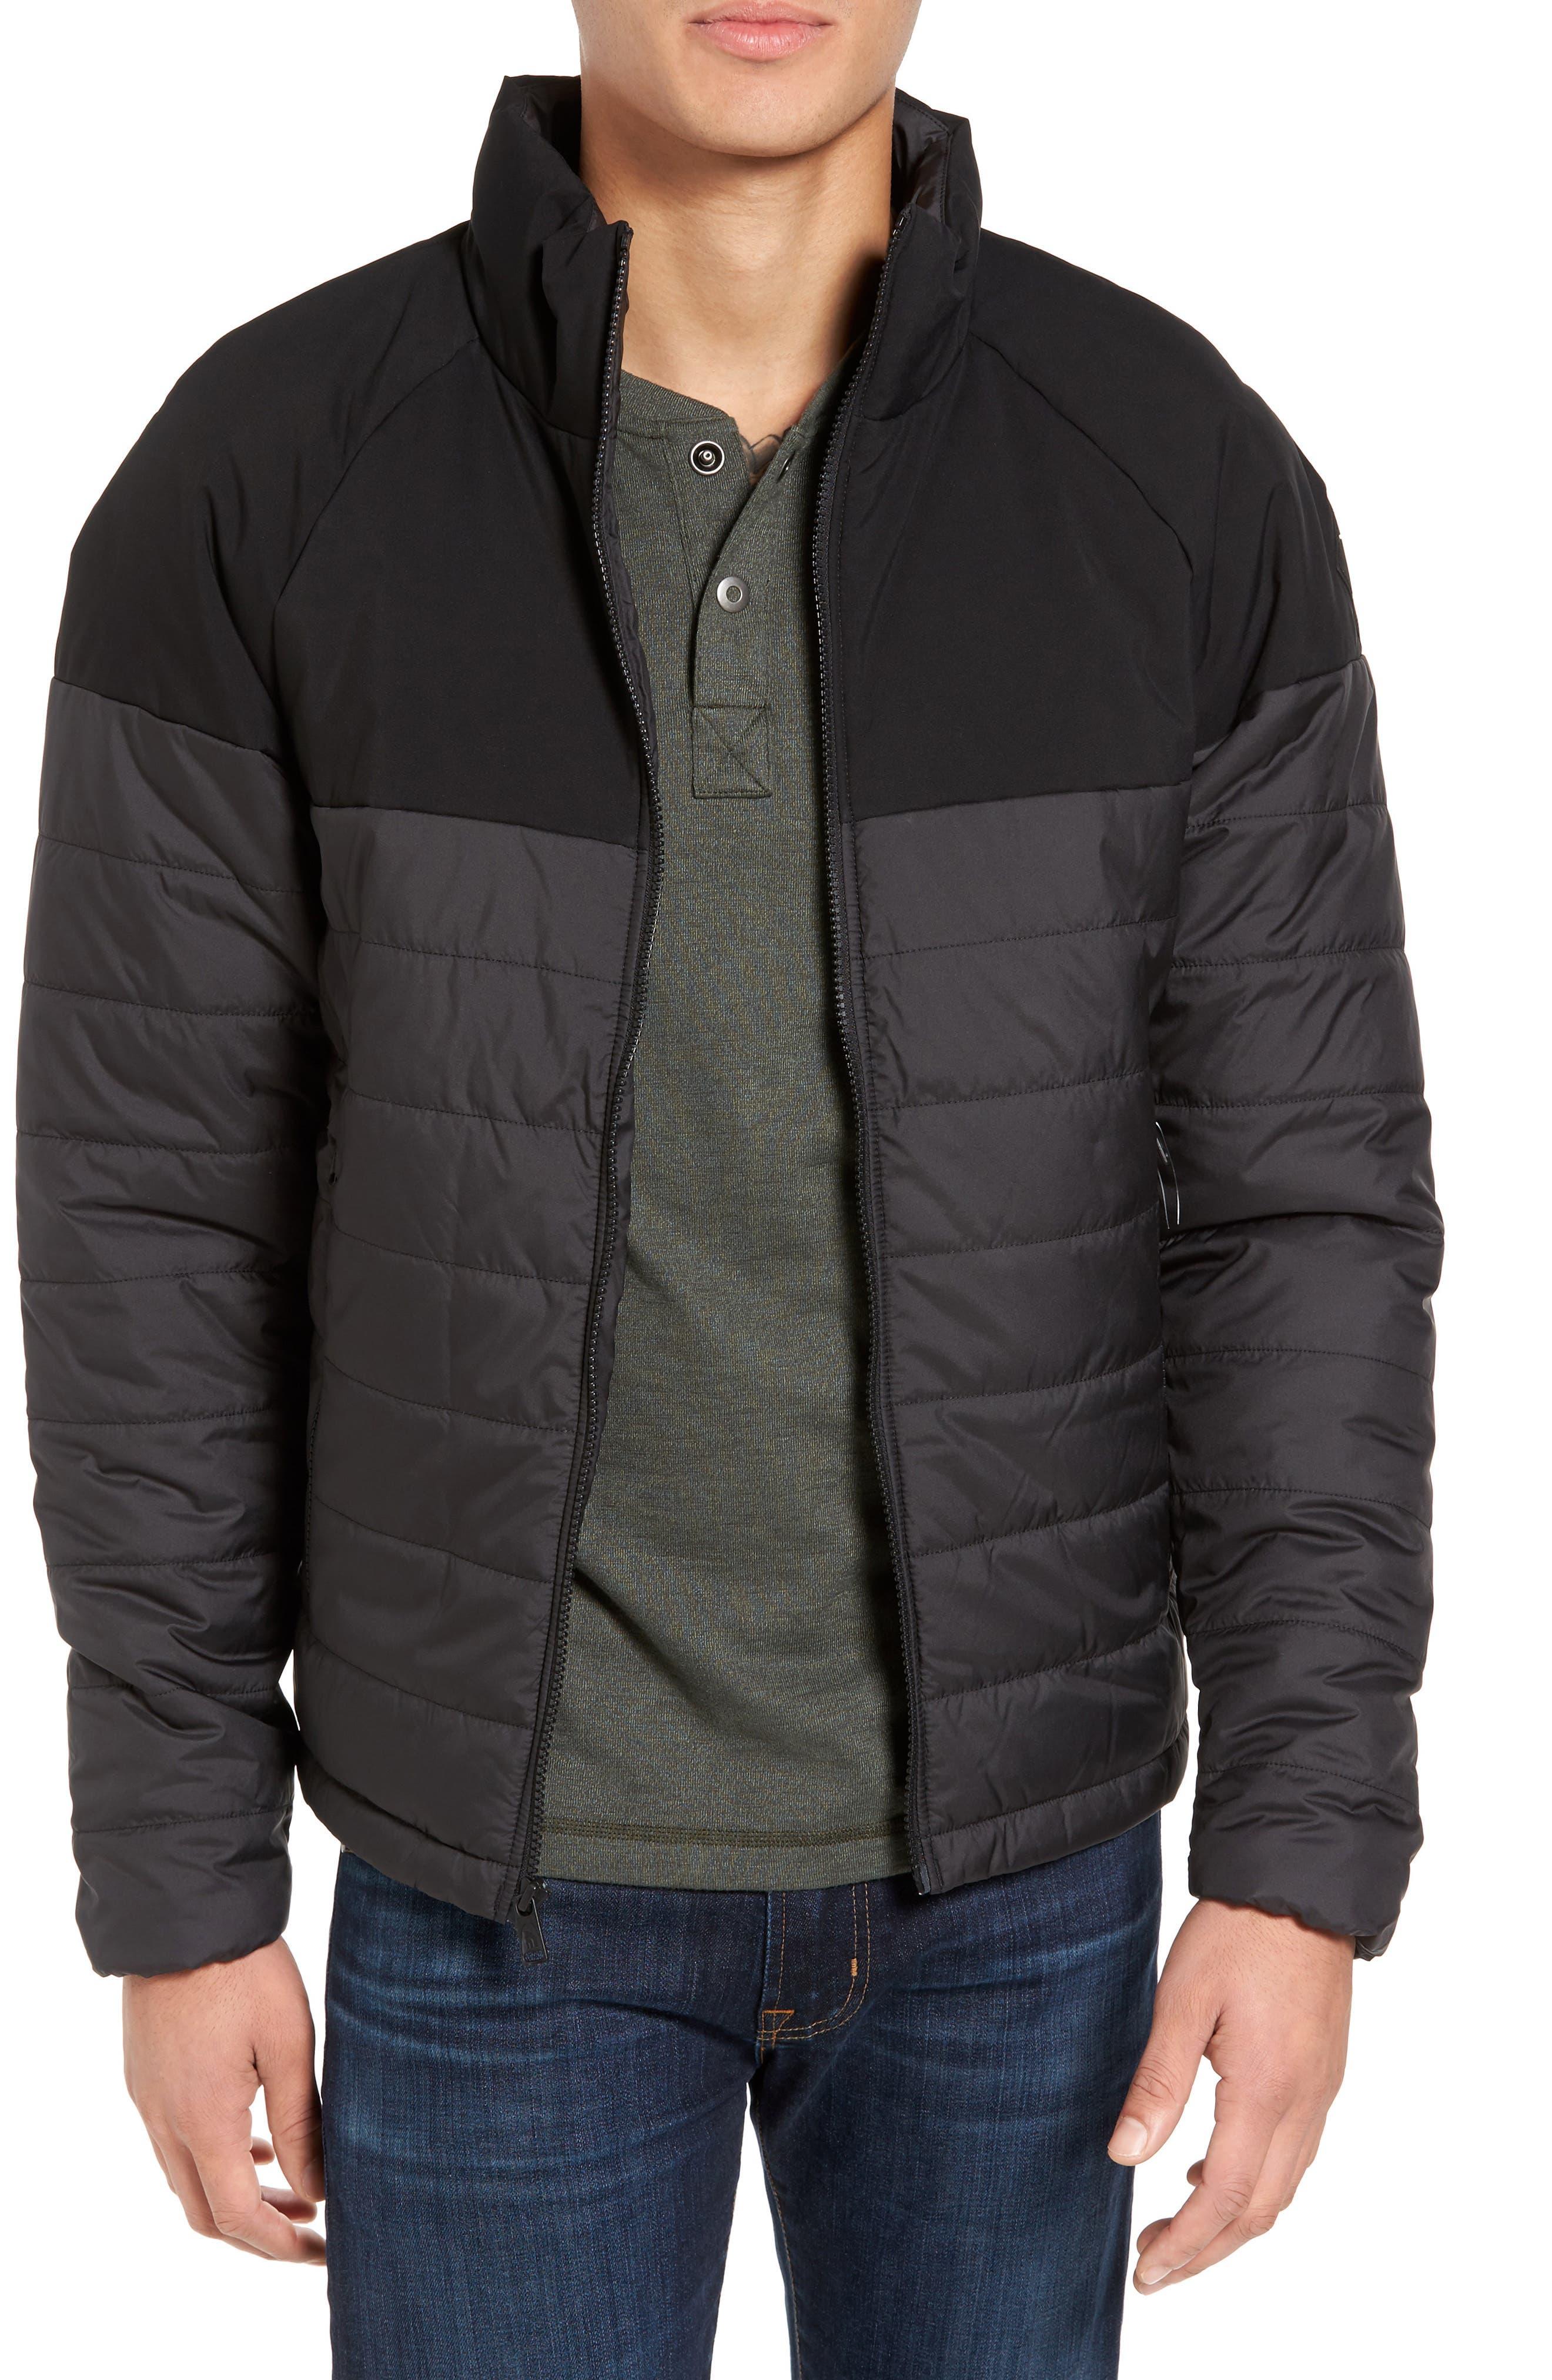 Skokie Jacket,                         Main,                         color, Tnf Black/ Tnf Black